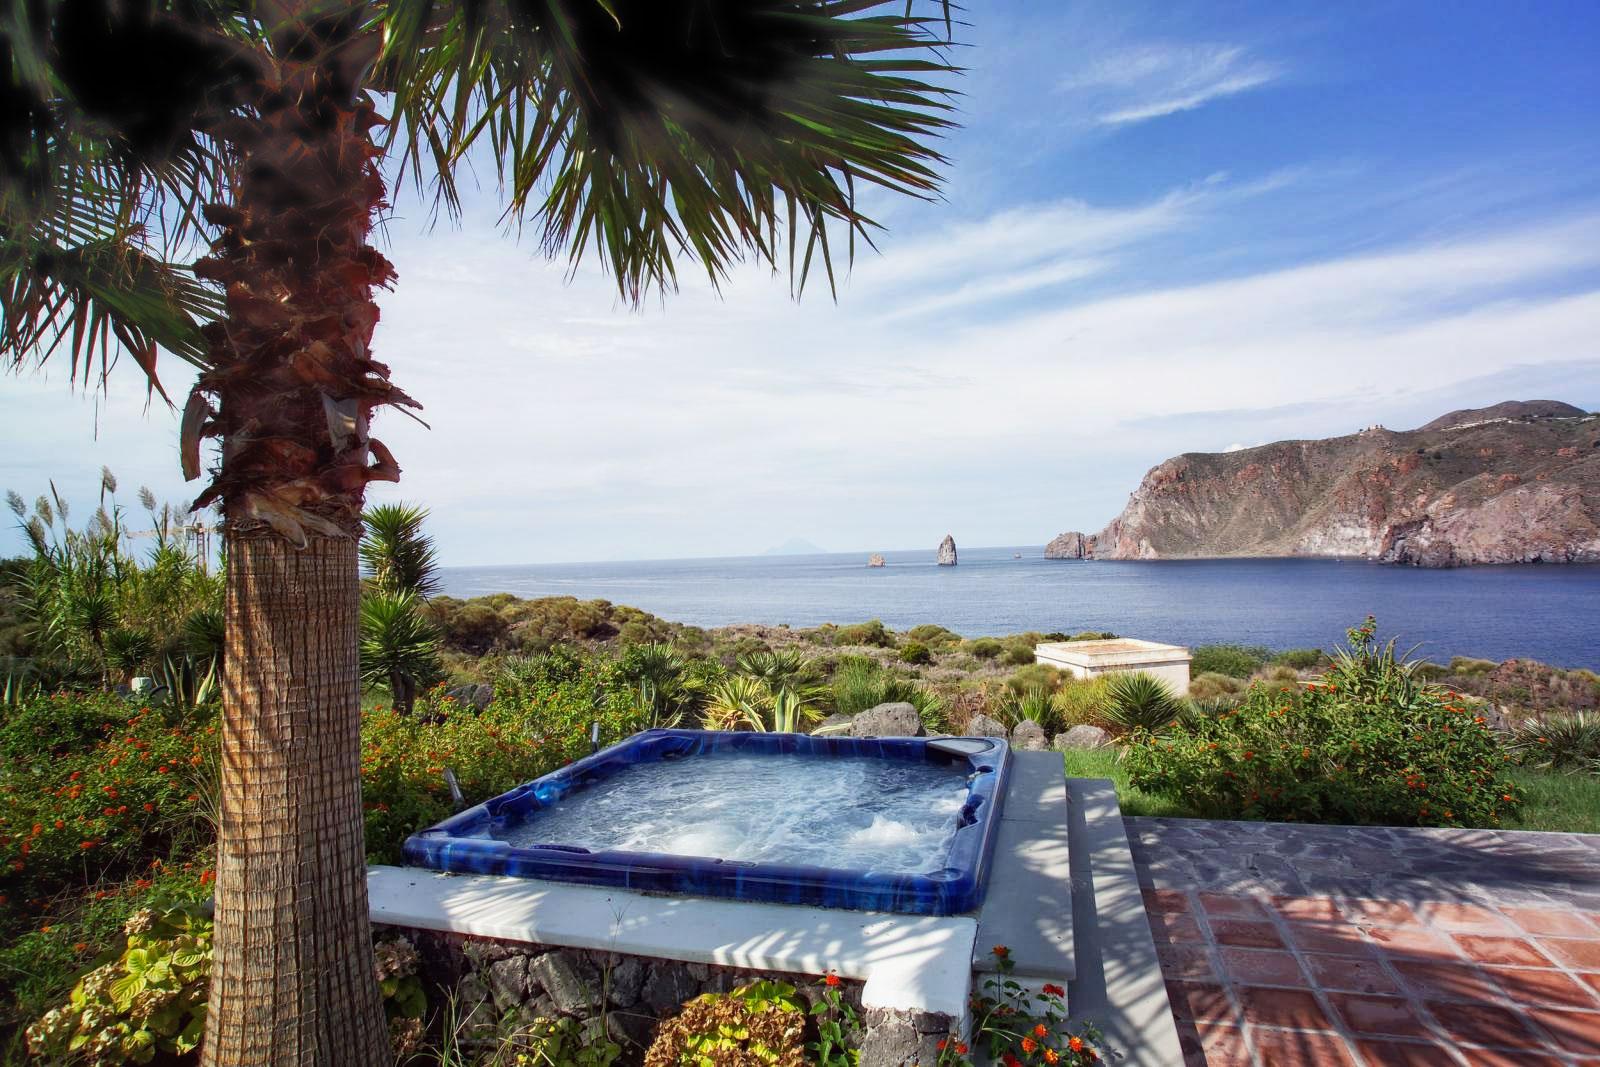 Minipiscine idromassaggio da esterno piscine castiglione - Minipiscine da esterno ...